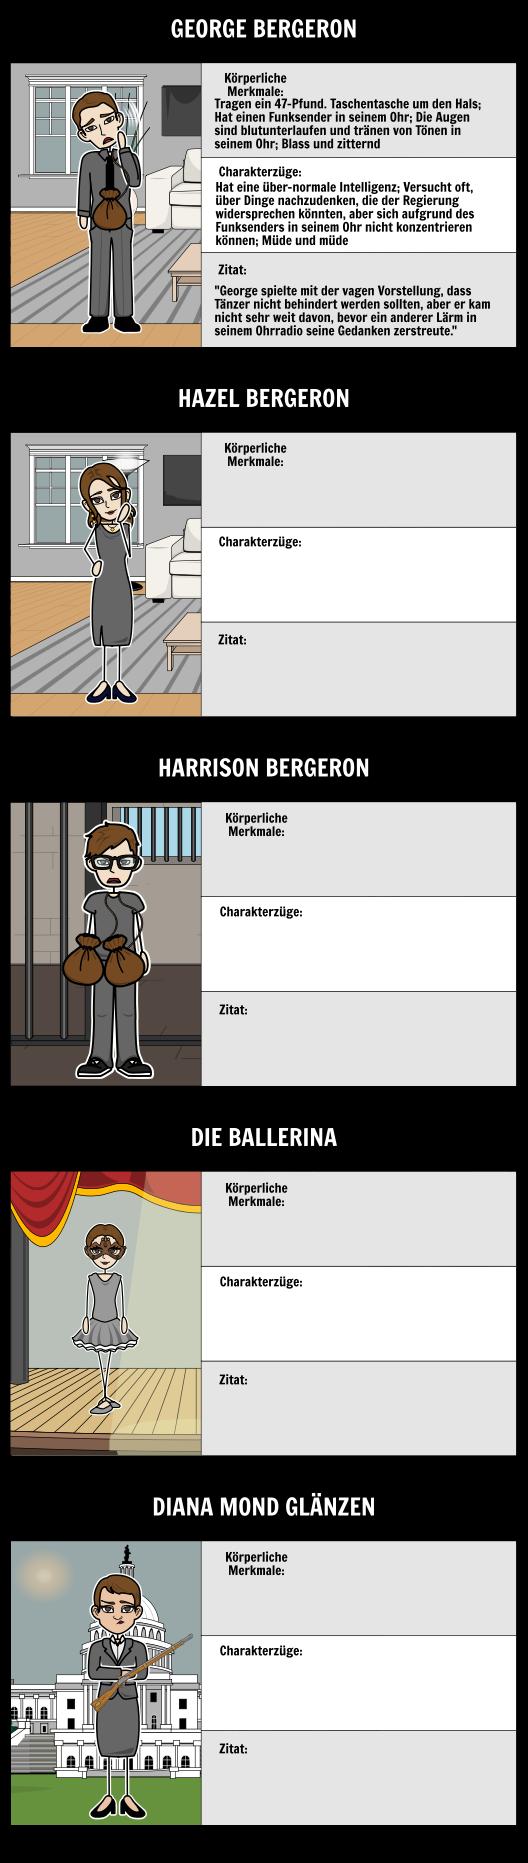 Harrison Bergeron von Kurt Vonnegut   Harrison Bergeron Zusammenfassung